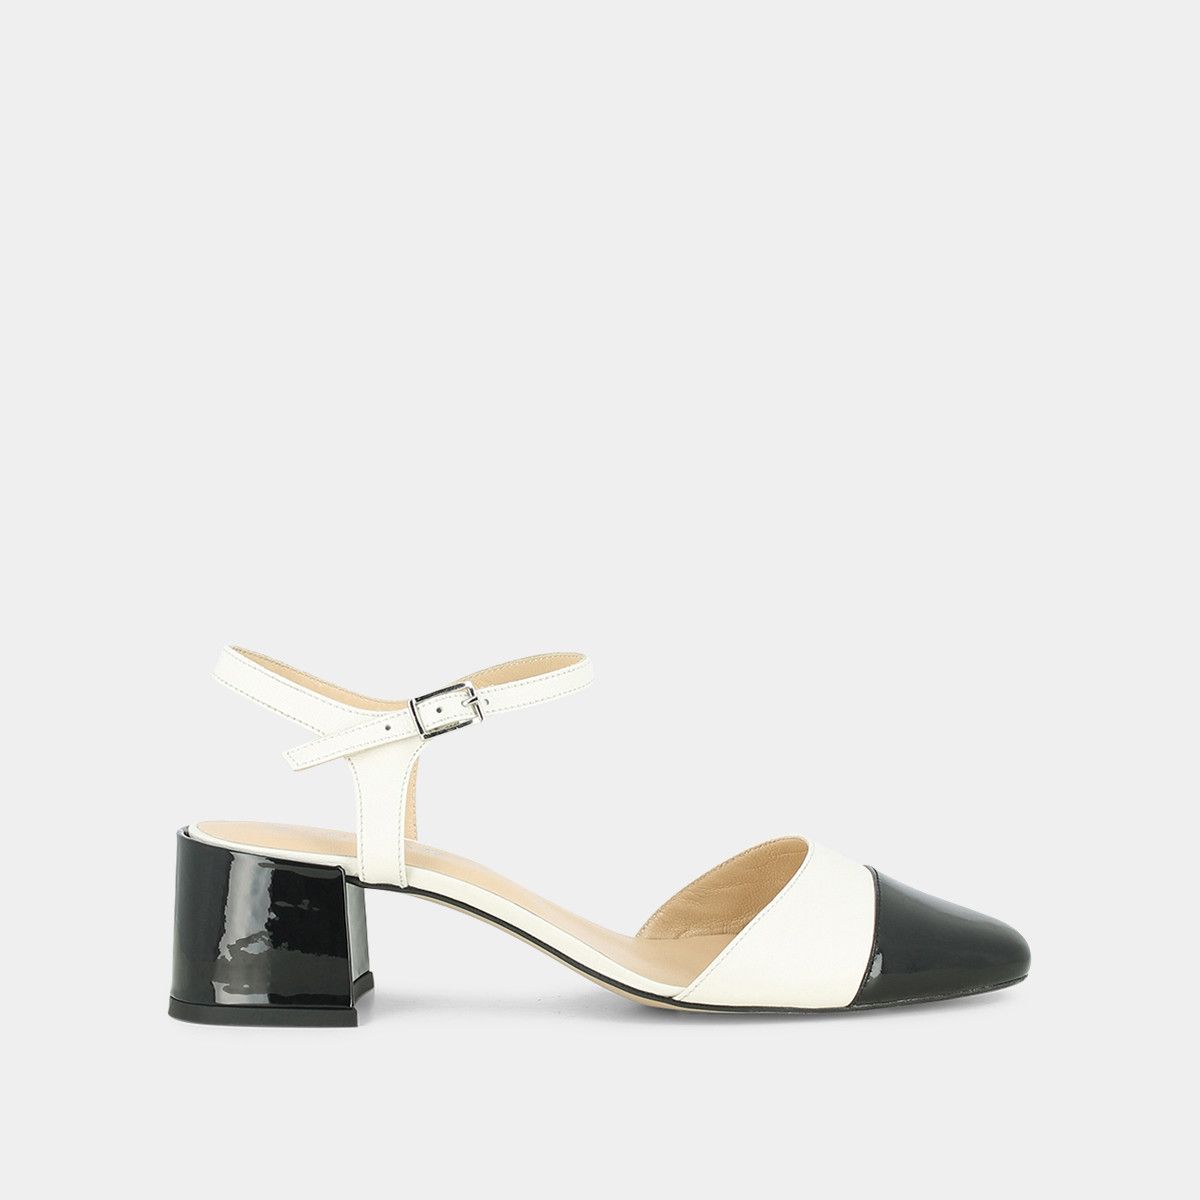 Sandales à talon carré en cuir noir et écru Jonak noirecru